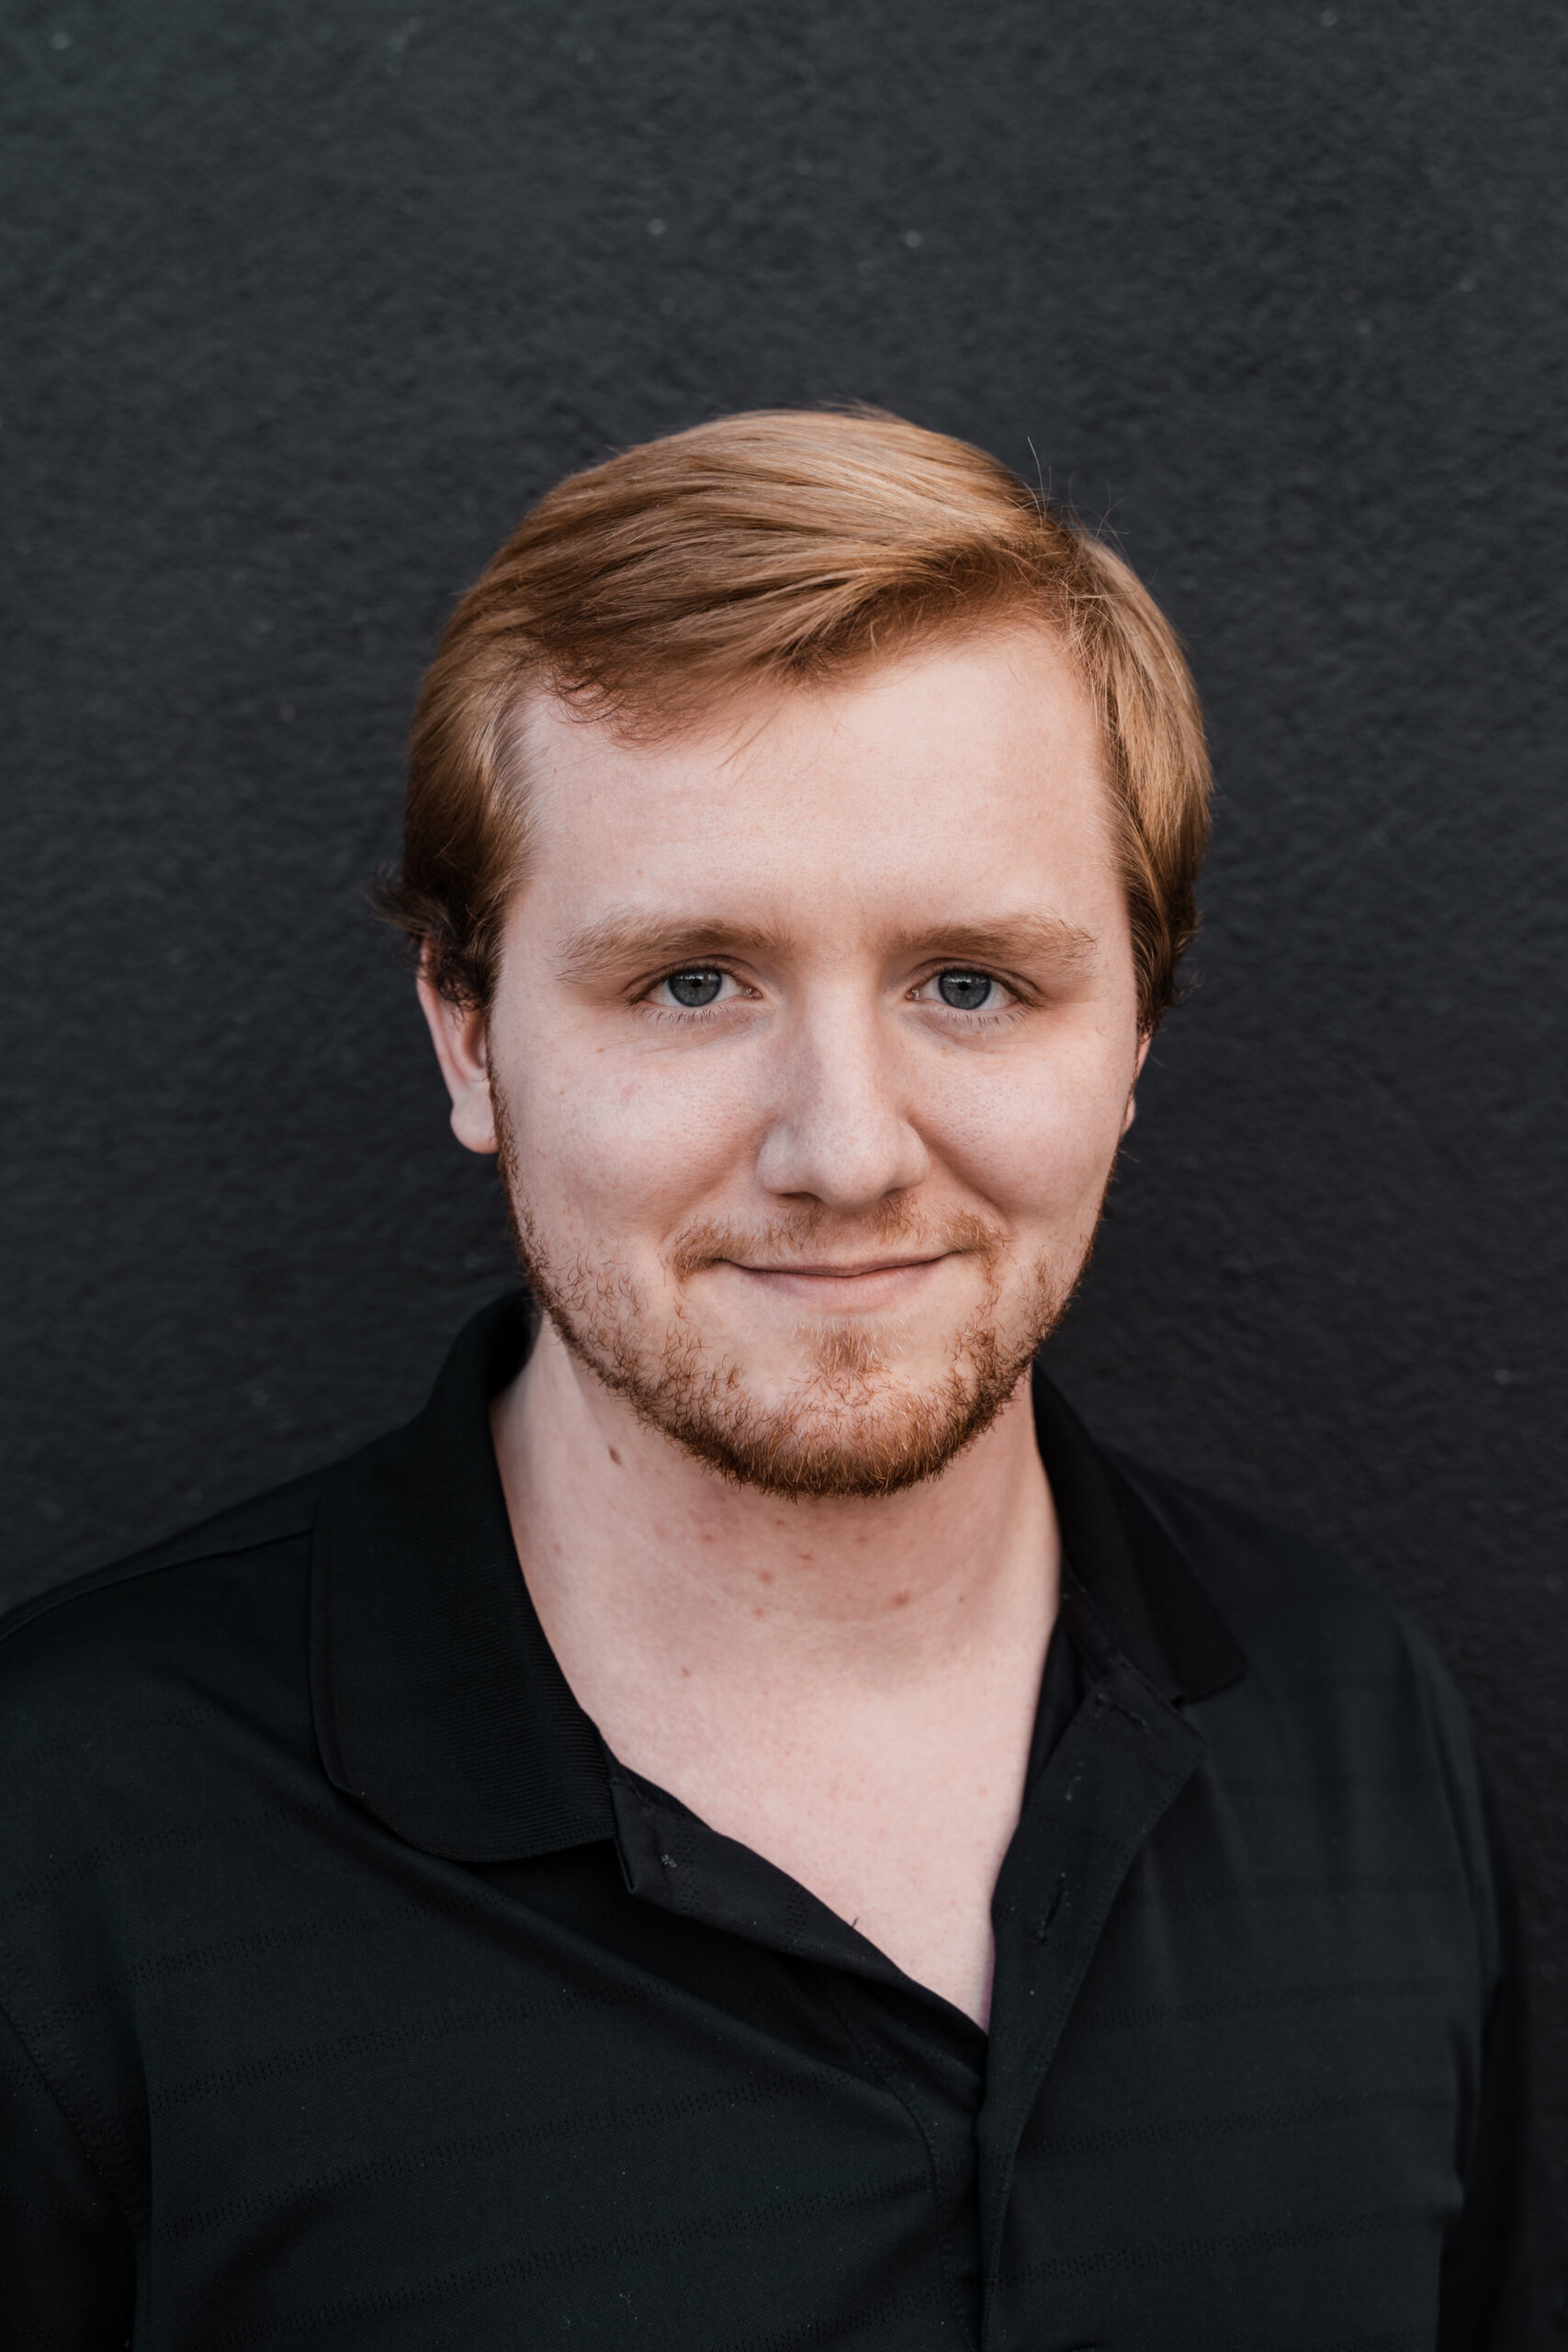 Nick Oetken